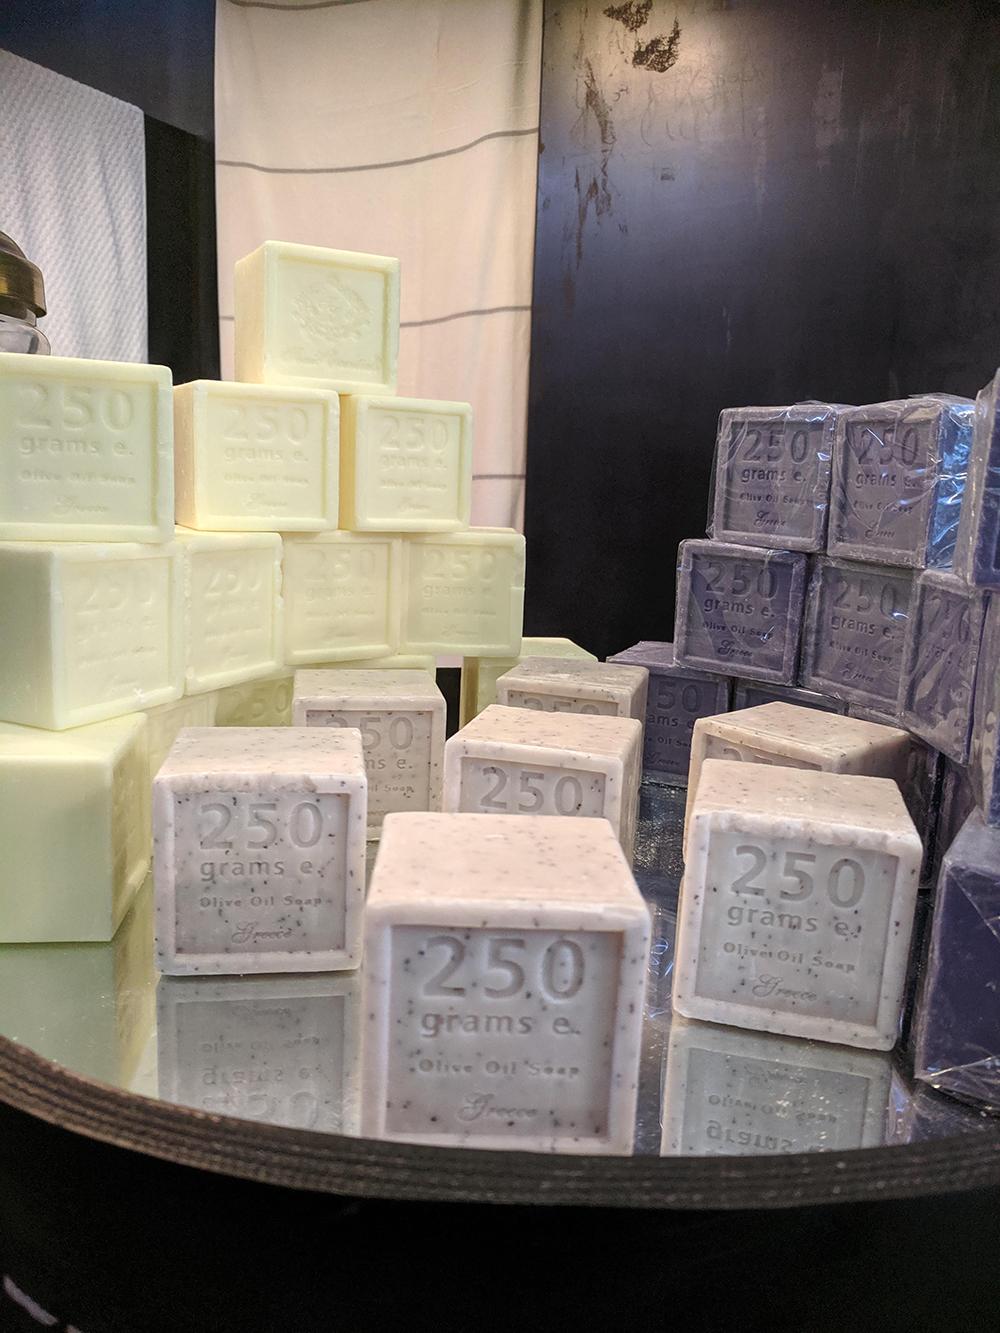 Soap resized.jpg